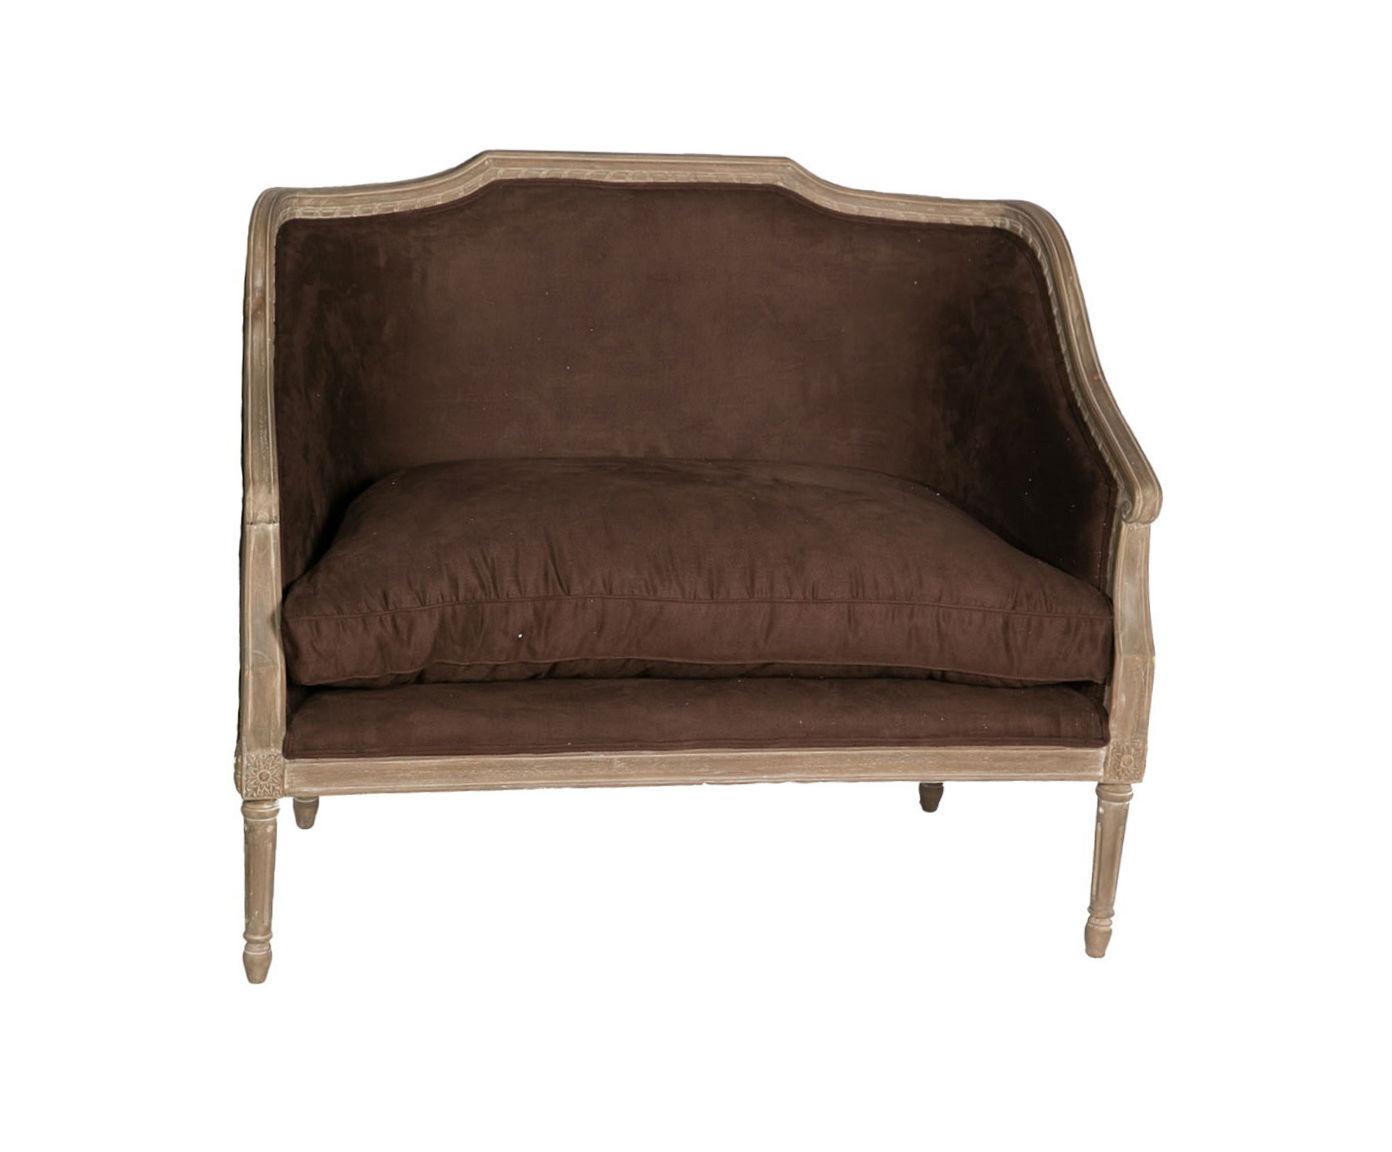 ДиванеткаДвухместные диваны<br>&amp;lt;div&amp;gt;Диванетка ? предмет меблировки императорских дворцов. Среднее арифметическое между диваном и креслом, она может быть роскошна. Например, эта модель с резным каркасом красного дерева и обивкой из мягкого велюра необычного зеленого оттенка с золотым отливом. Или все же золотого с зеленым отливом?&amp;lt;/div&amp;gt;<br><br>Material: Велюр<br>Length см: 130<br>Width см: 75<br>Depth см: None<br>Height см: 88<br>Diameter см: None